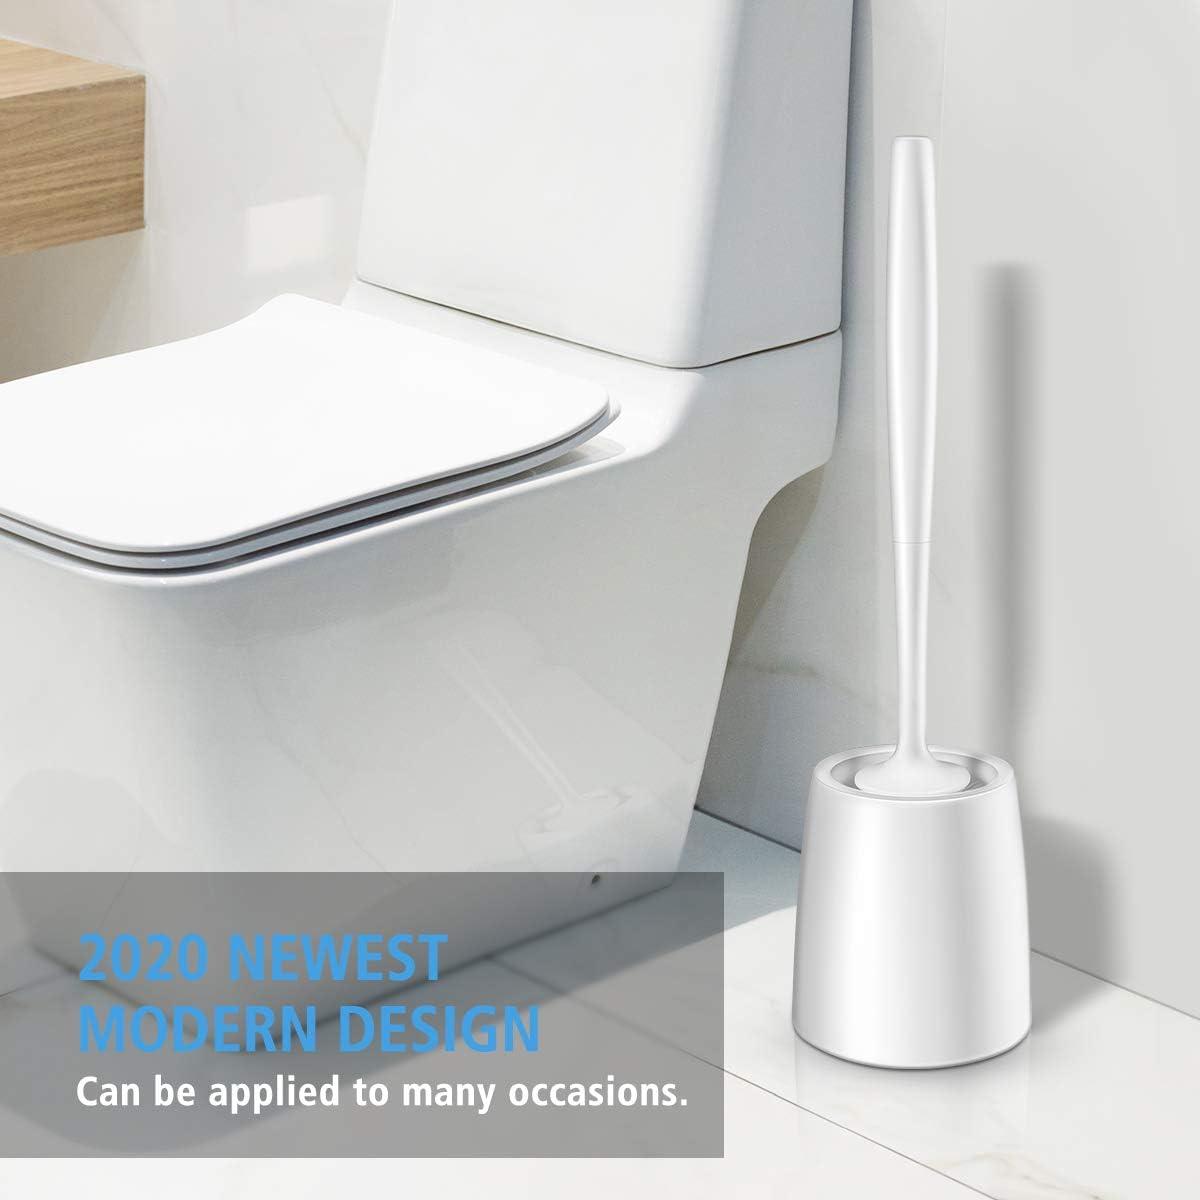 Modern Design Toilet Brush and Holder 2 Pack ,White Toilet Bowl Brush for Your Bathroom Toilet